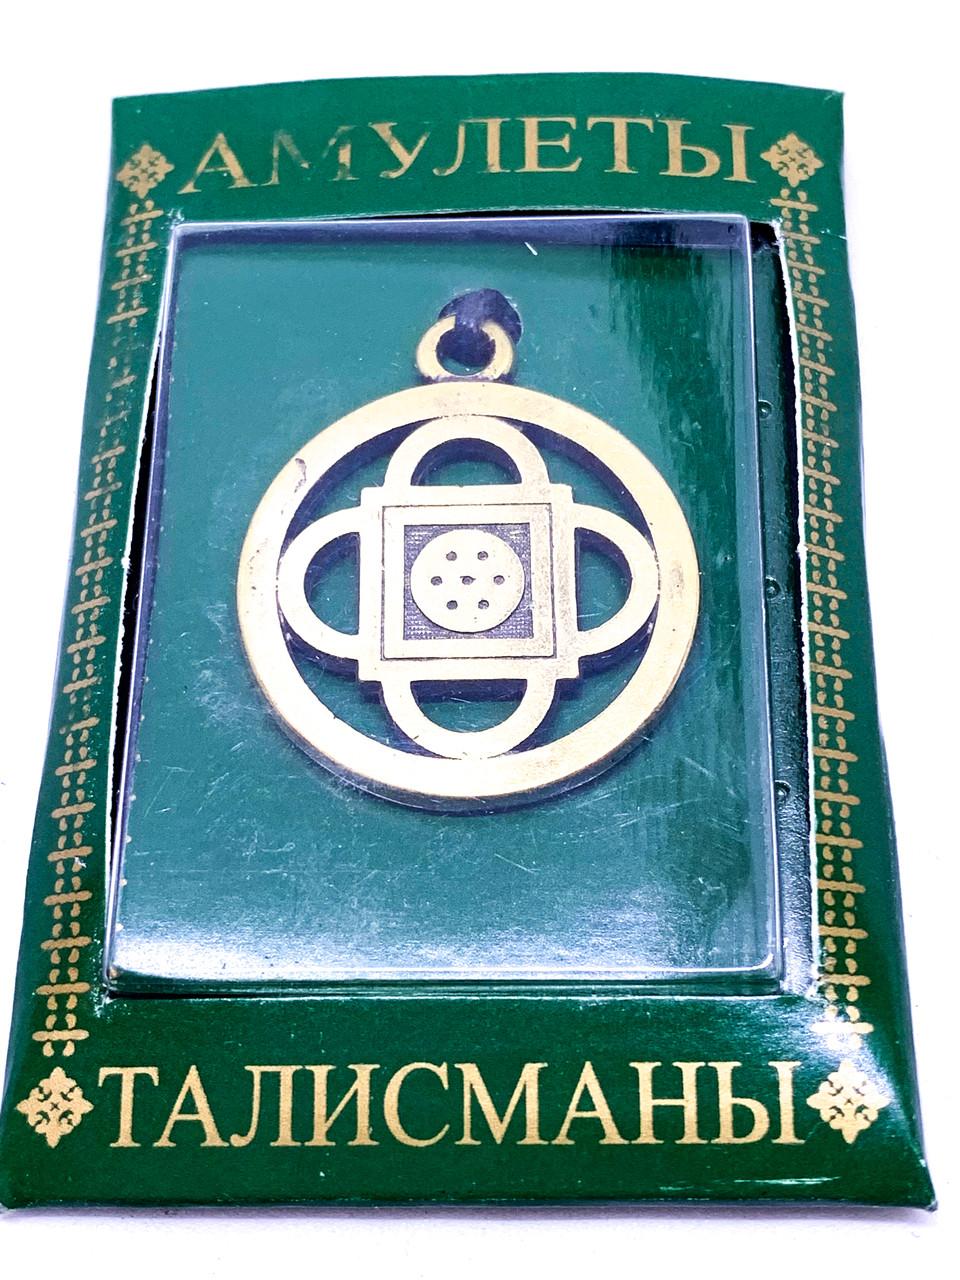 Талисман № 38 Шамбала - центр энергии, ключ к параллельным мирам